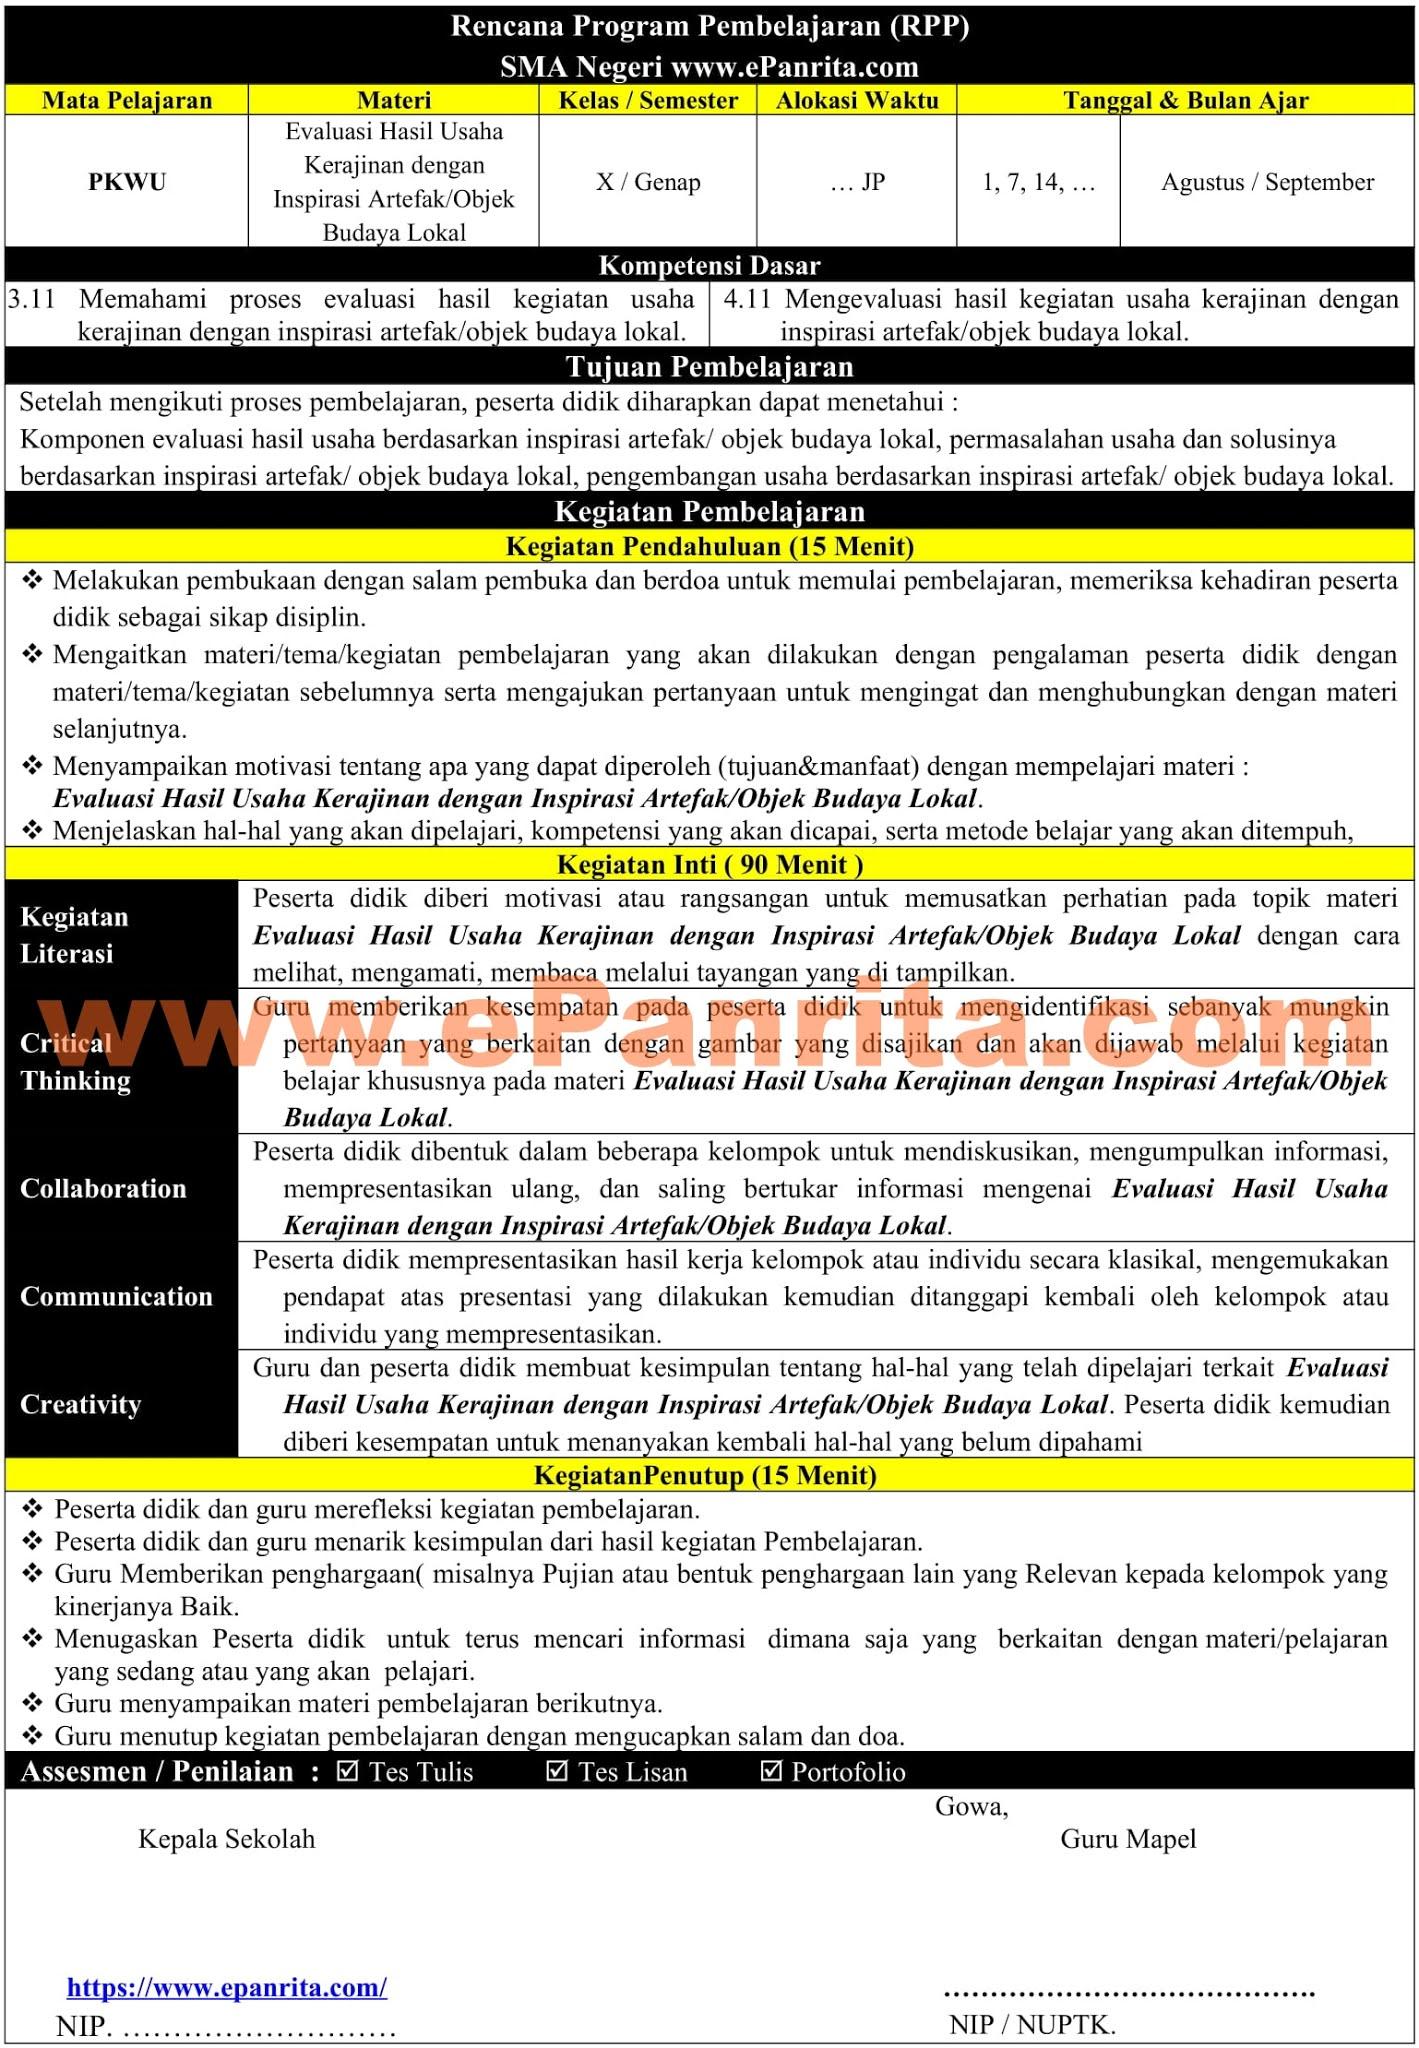 RPP 1 Halaman Prakarya Aspek Kerajinan (Evaluasi Hasil Usaha Kerajinan dengan Inspirasi Artefak/Objek Budaya Lokal)